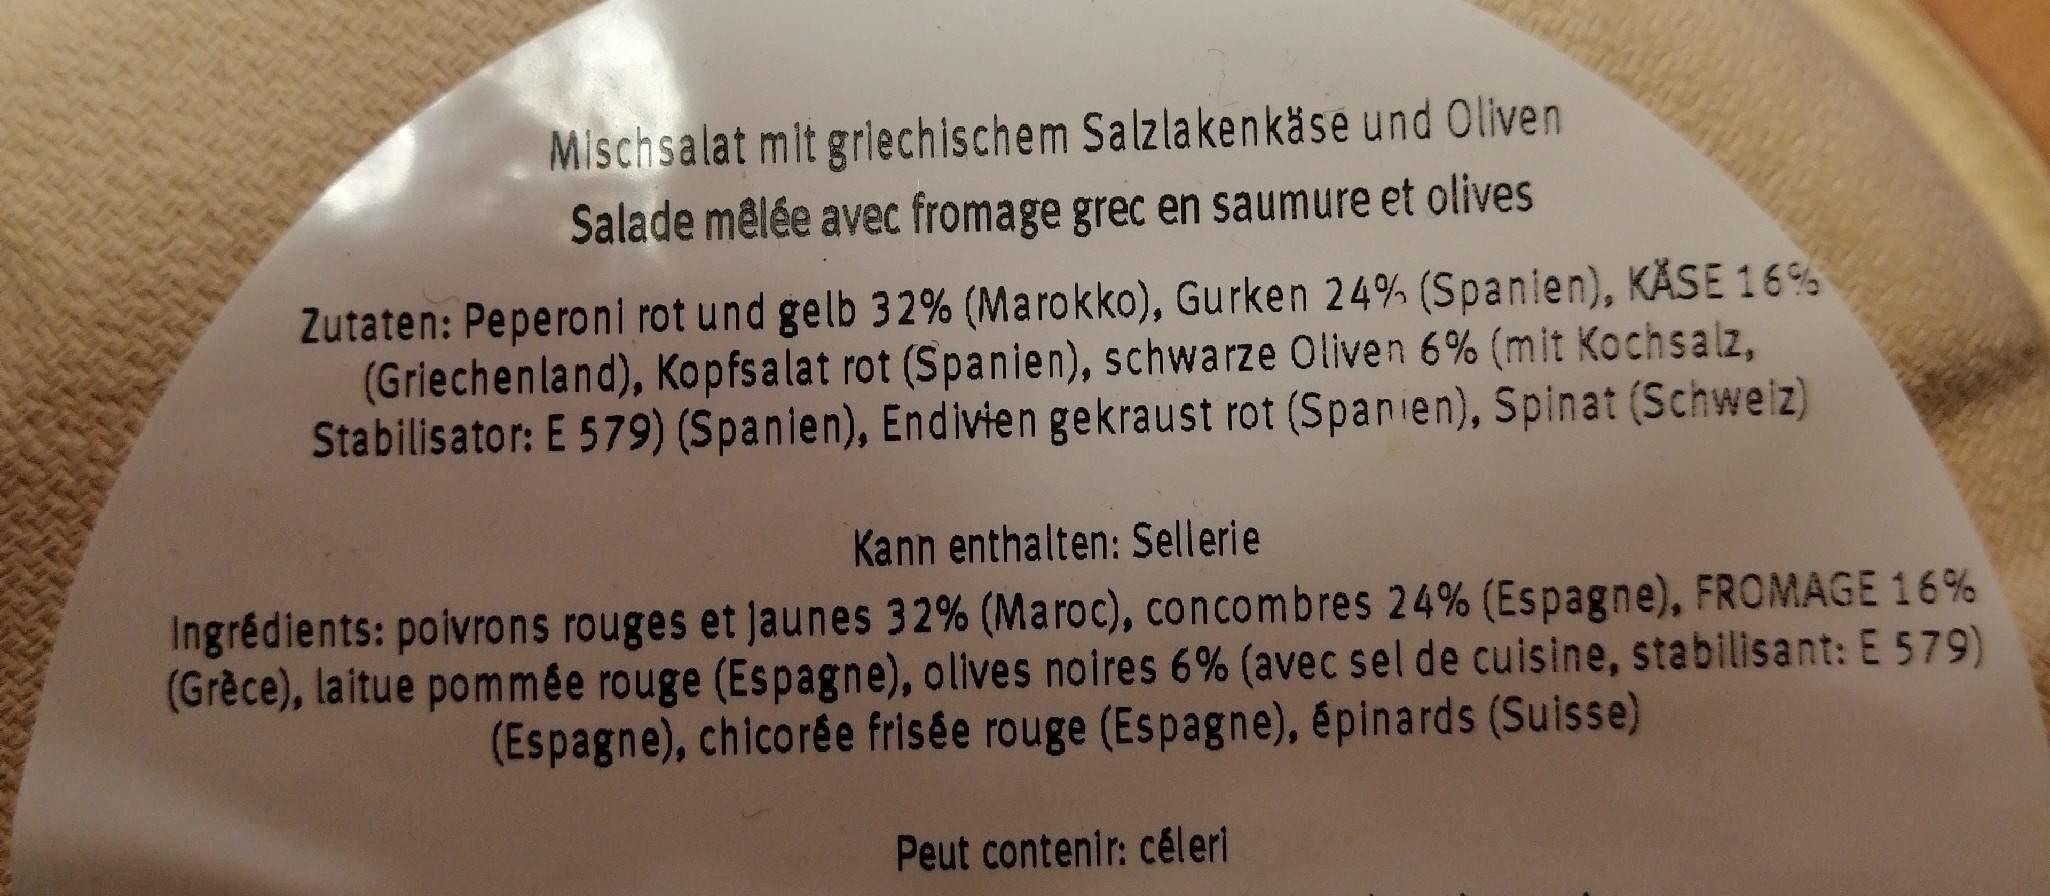 Salade mêlée avec fromage grec en saumure et olives - Ingrédients - fr